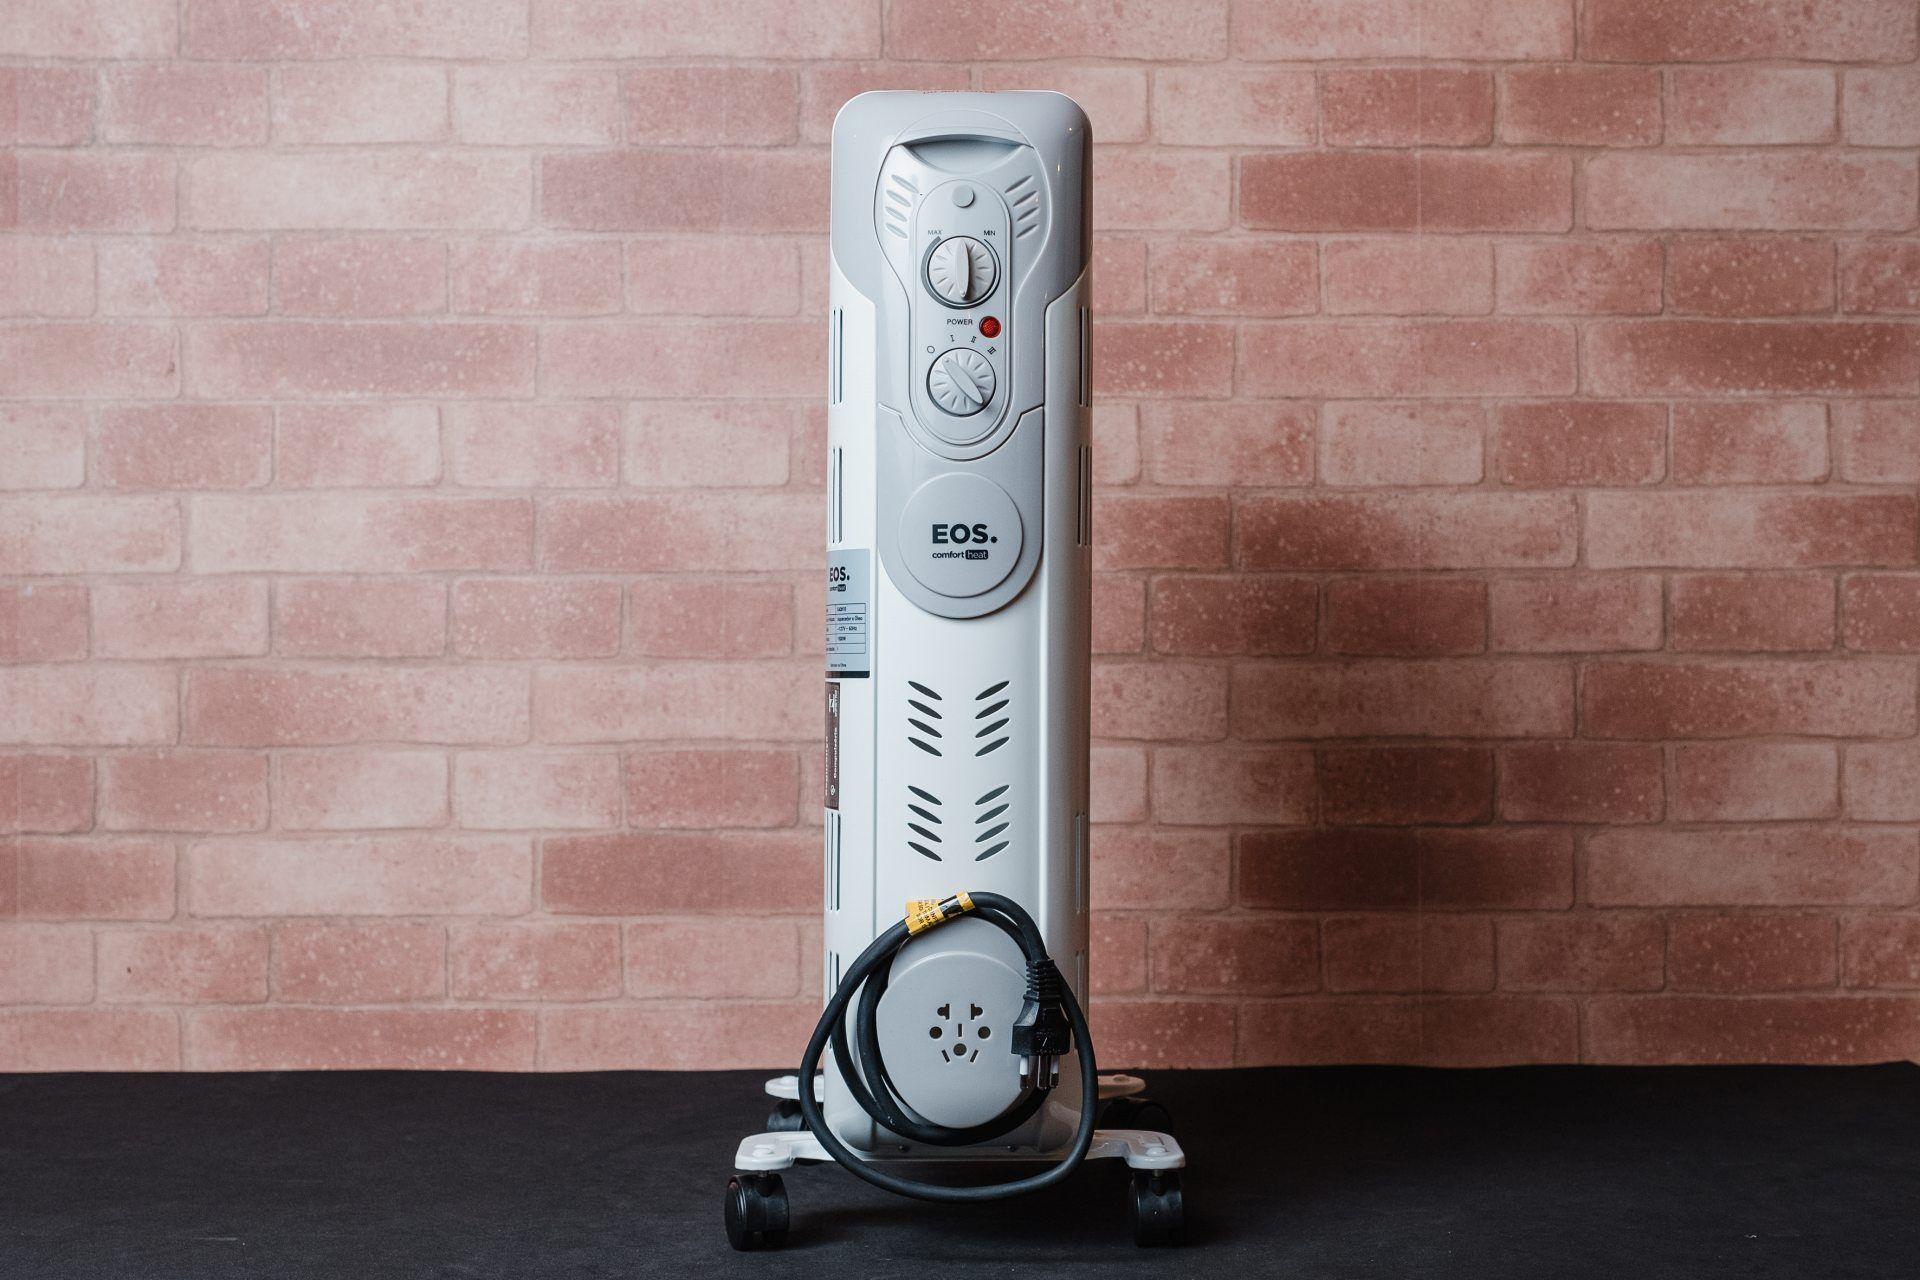 O porta-fios do aquecedor elétrico EOS Comfort Heat facilita muito o momento de armazenar o aparelho (Foto: Zoom)